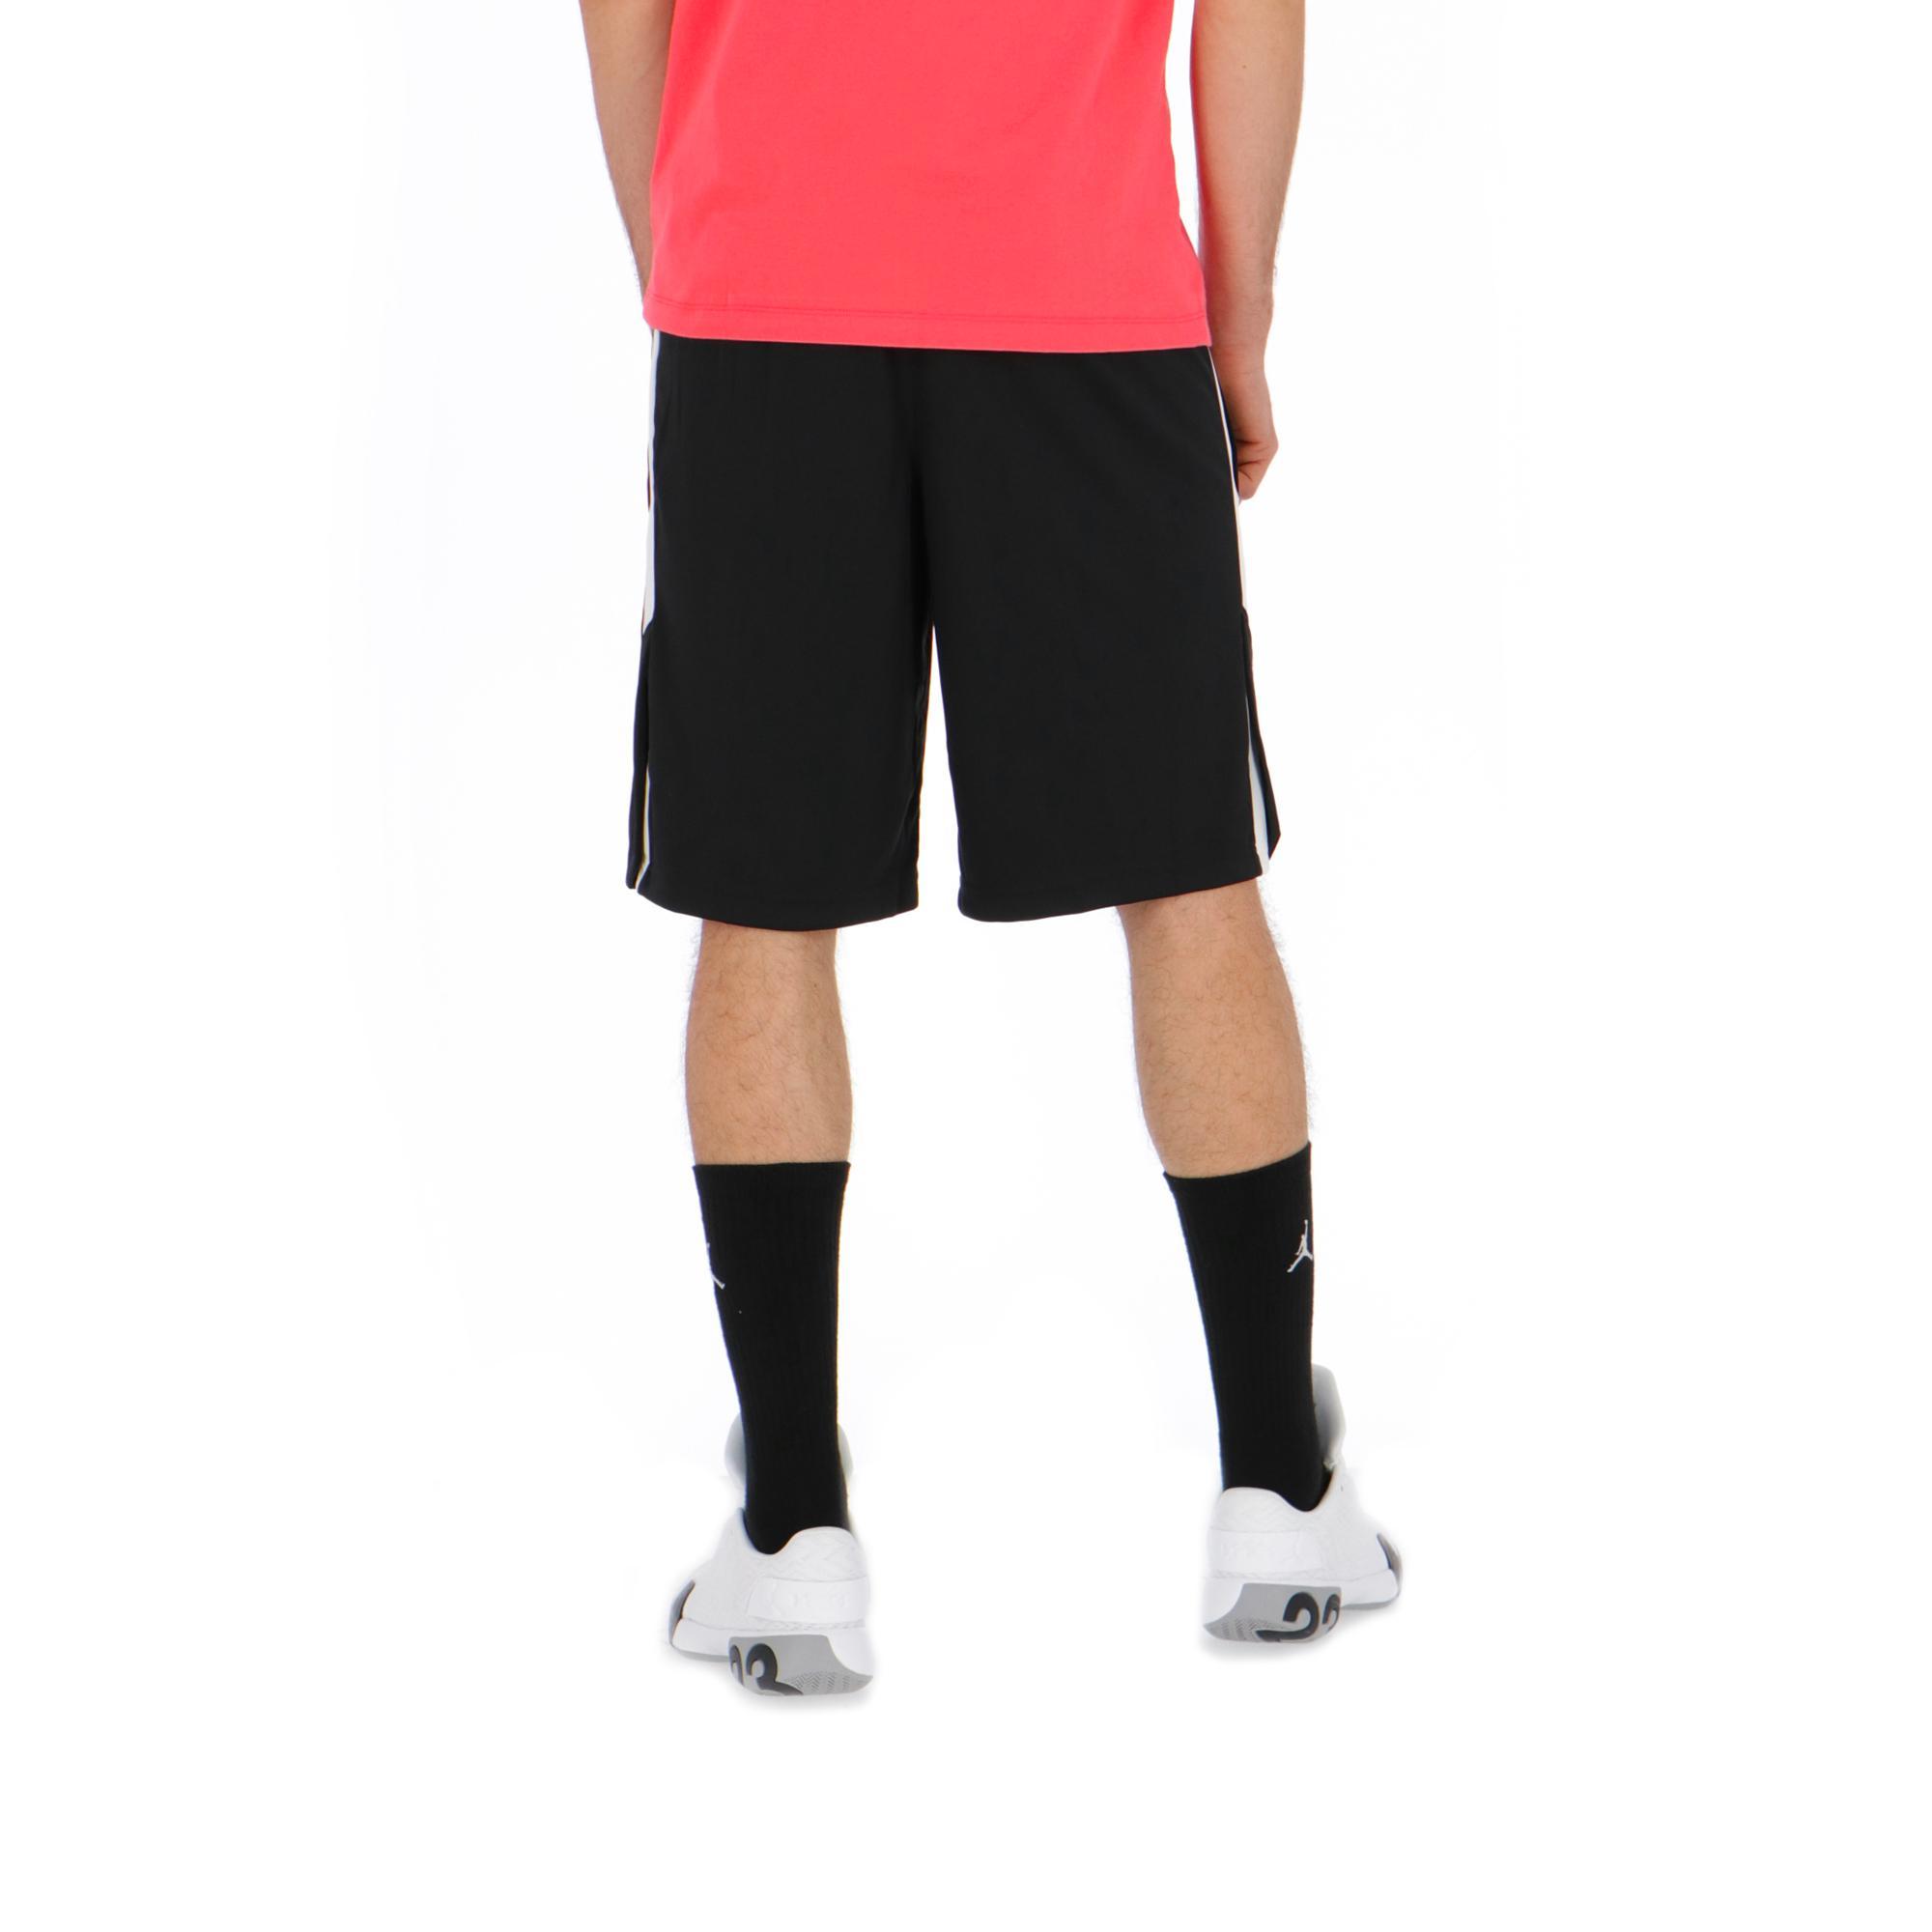 f11e62633c1f Jordan 23 Alpha Dry Knit Short br   Black White